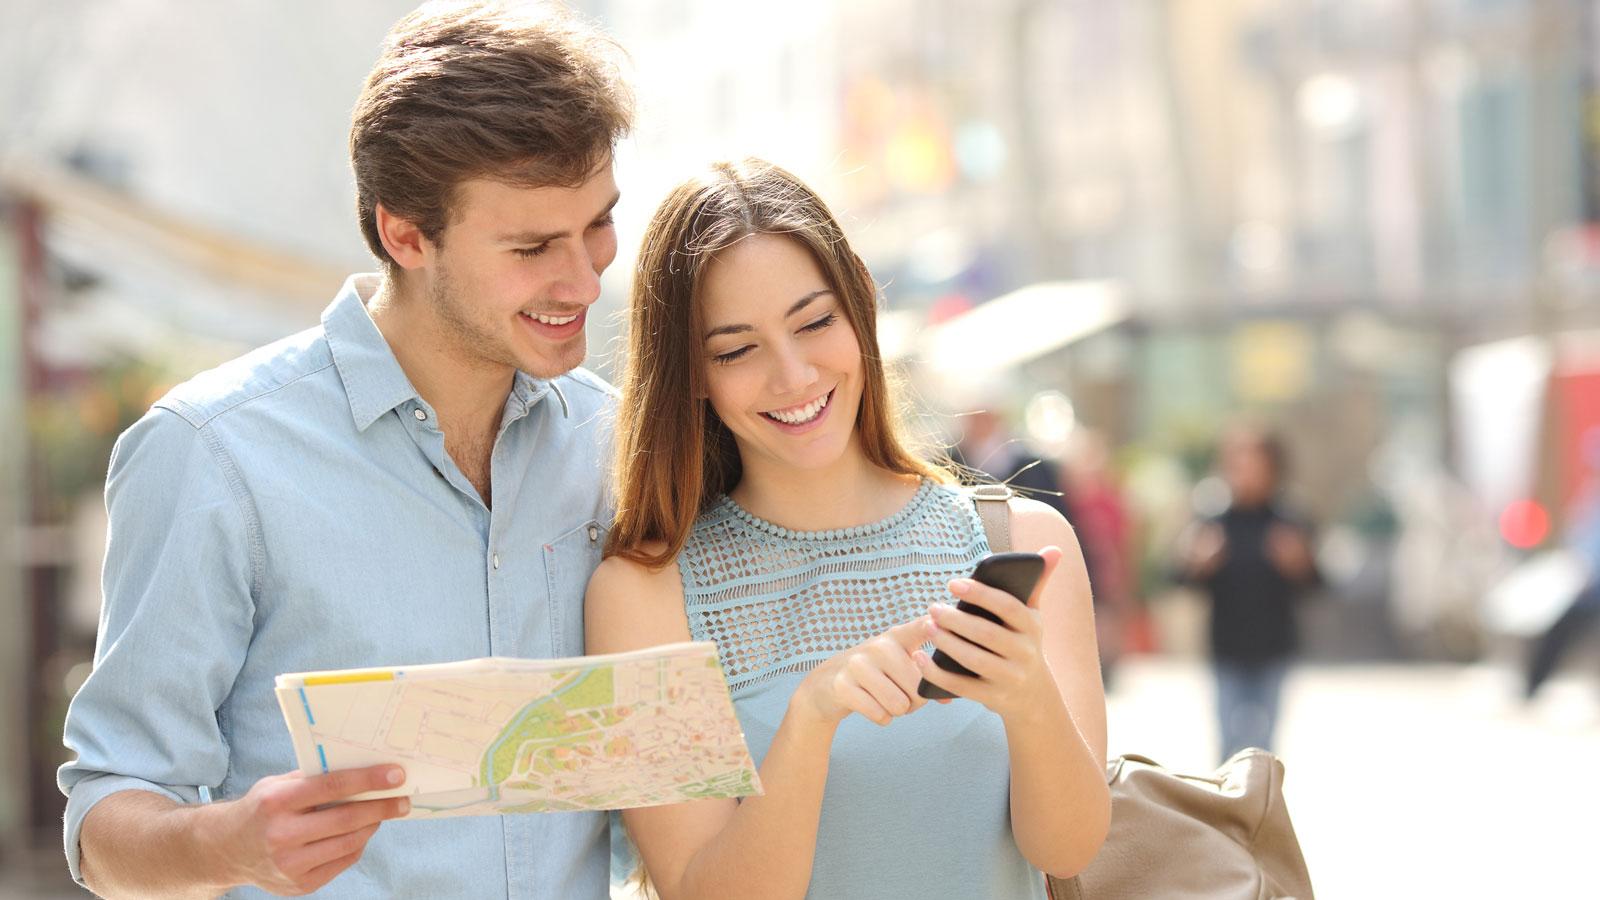 Den Urlaub angenehm mit praktischen Apps gestalten